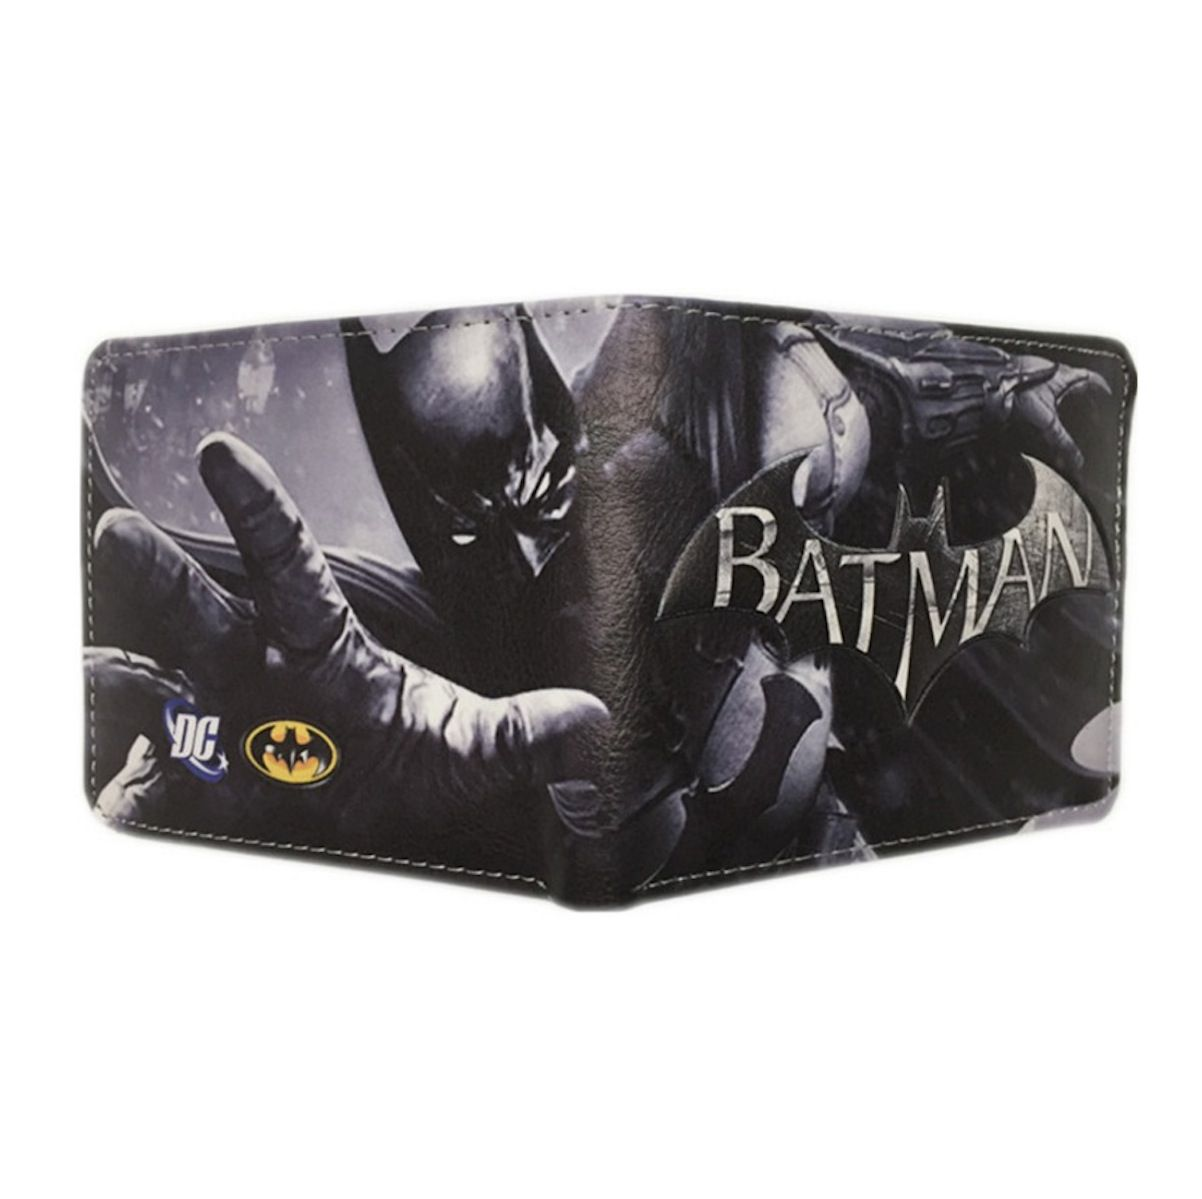 Carteira Masculina Batman Original Dc Detalhes 3d Tamanho